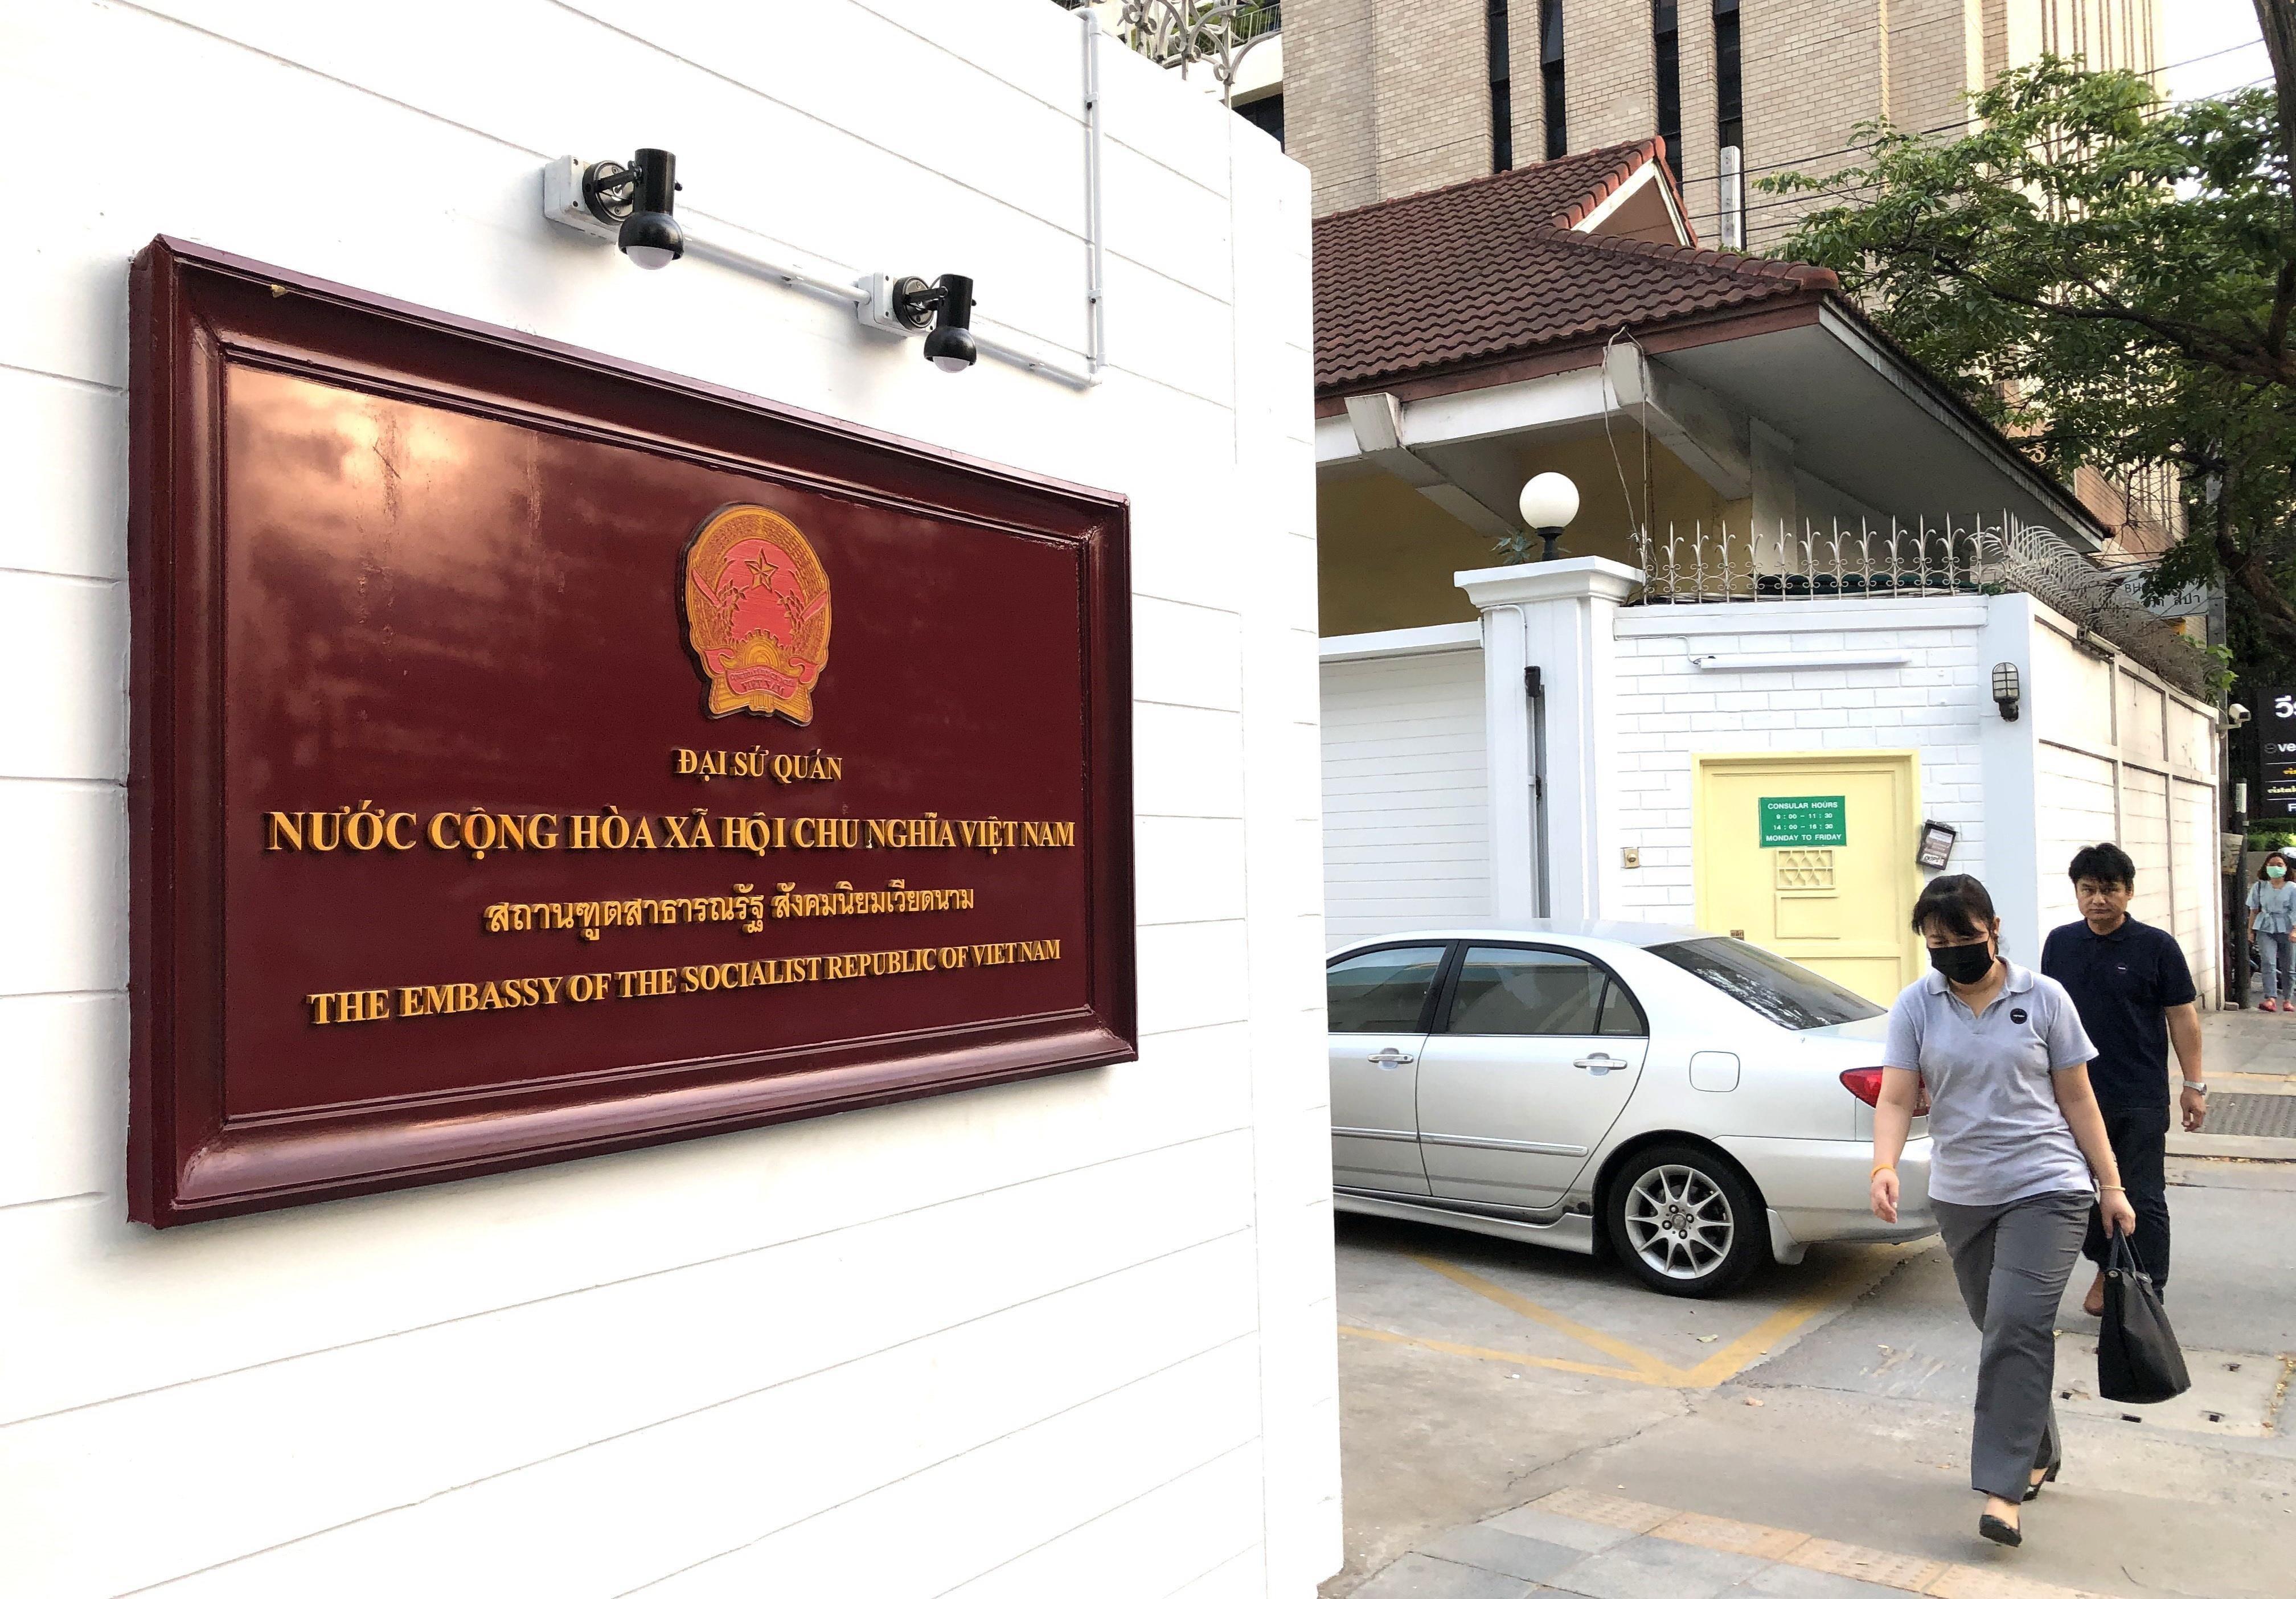 Khuyến nghị người Việt tại Lào, Thái Lan bình tĩnh và hạn chế đi lại ảnh 1